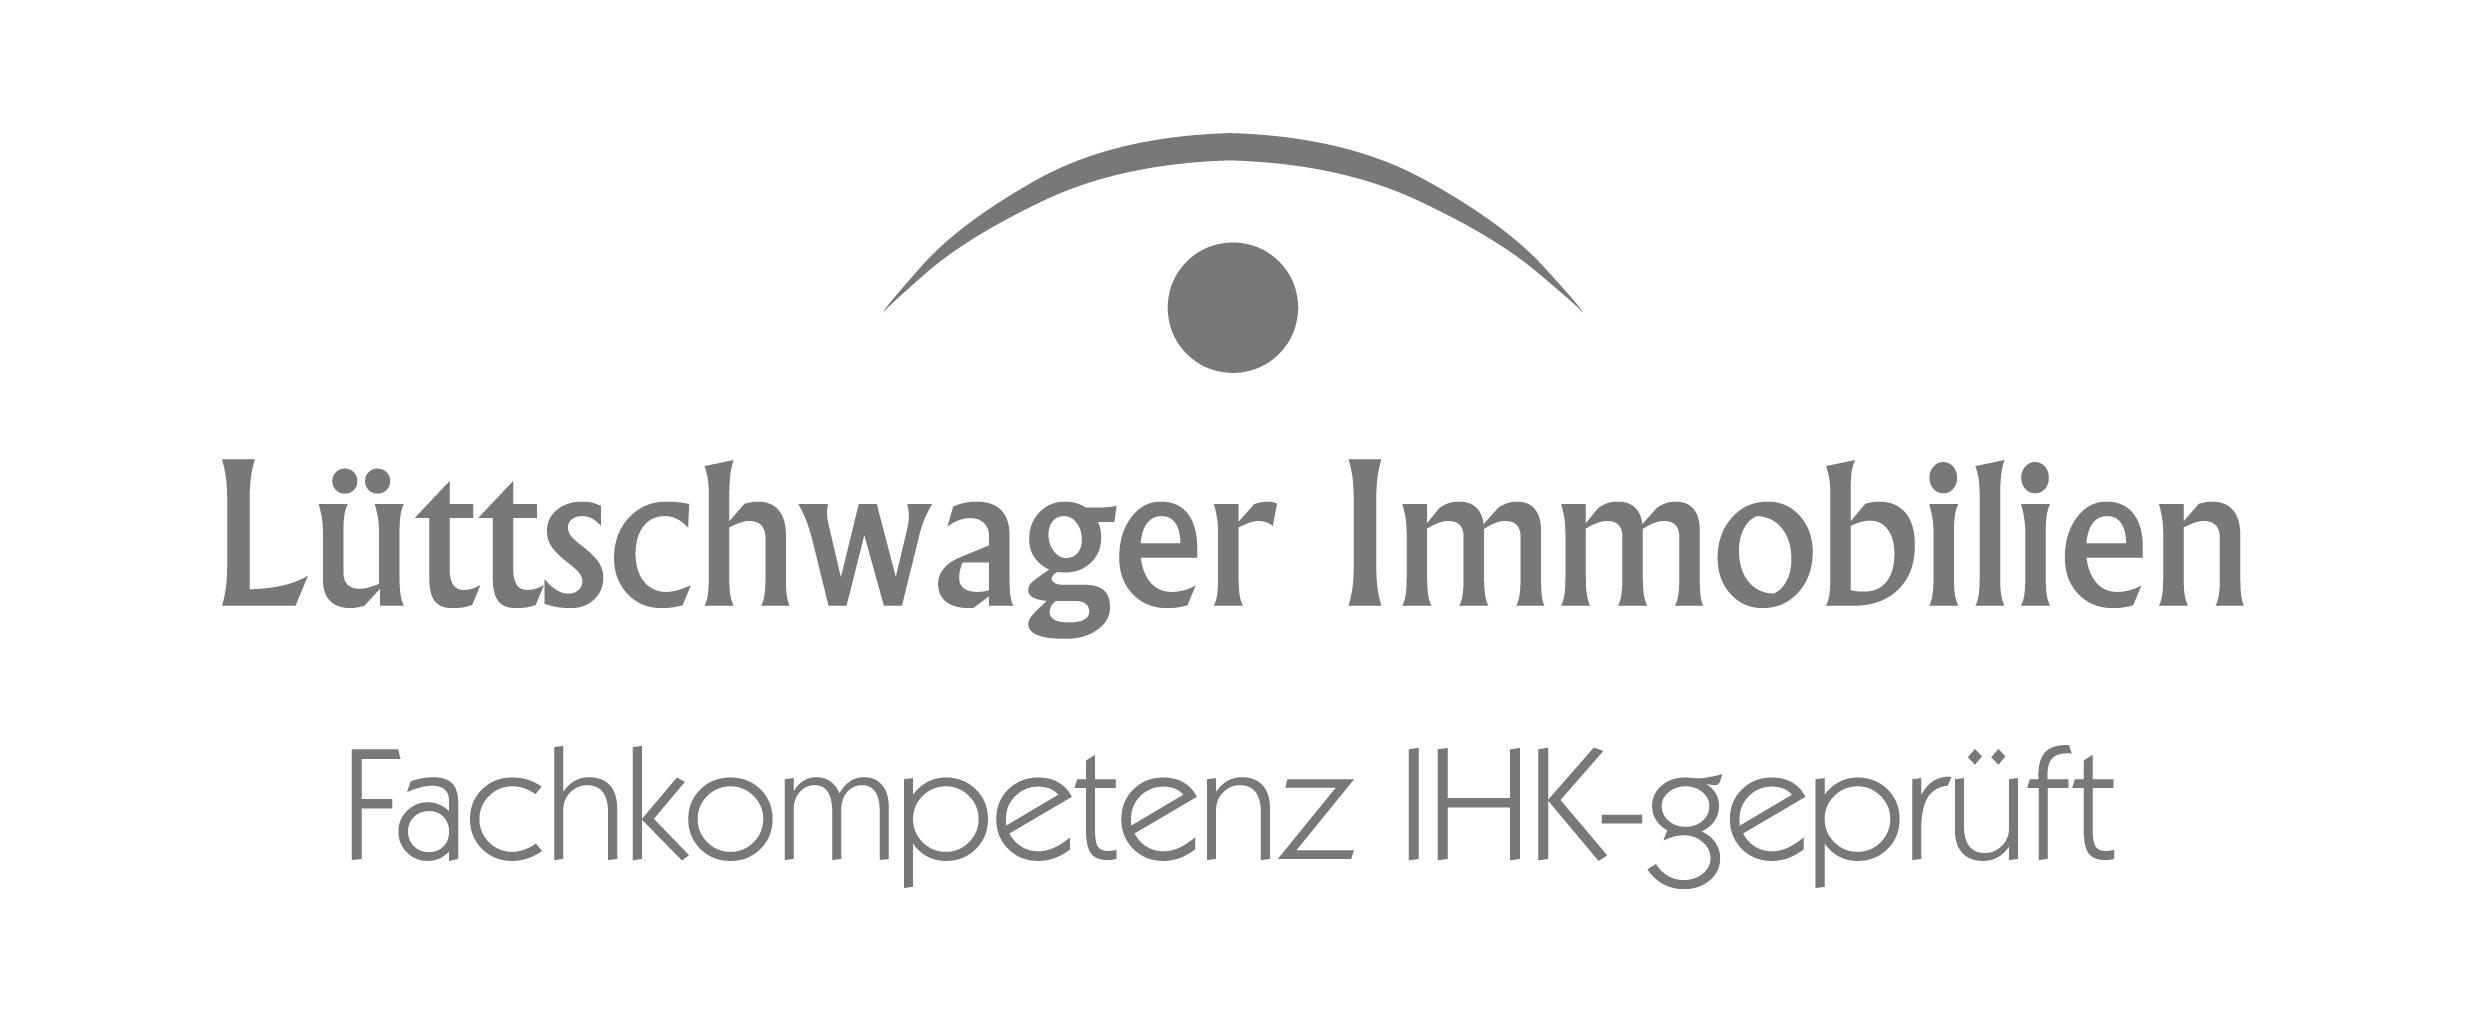 Hier sehen Sie das Logo von Lüttschwager Immobilien